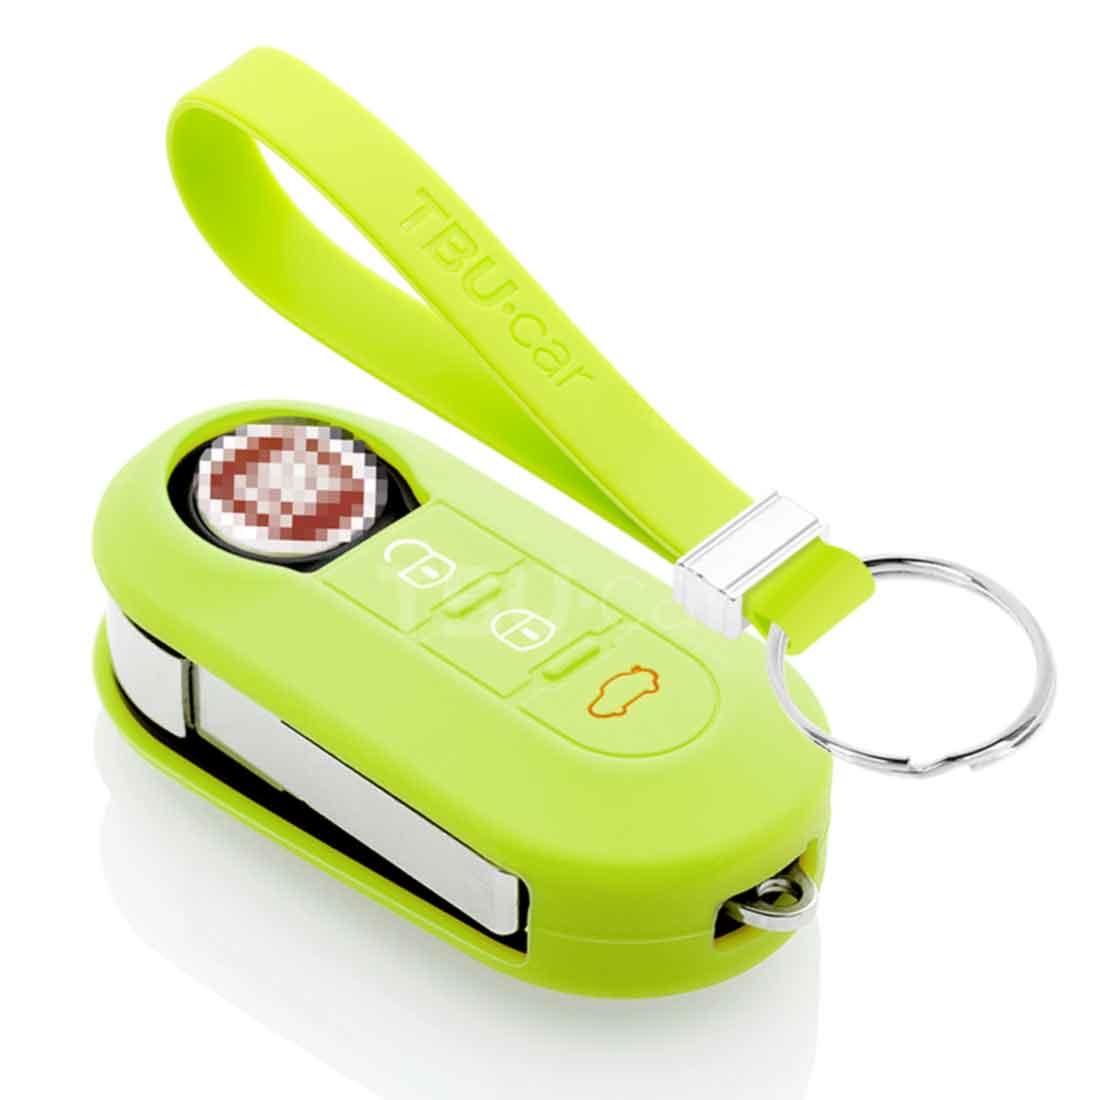 TBU car TBU car Sleutel cover compatibel met Fiat - Silicone sleutelhoesje - beschermhoesje autosleutel - Lime groen green